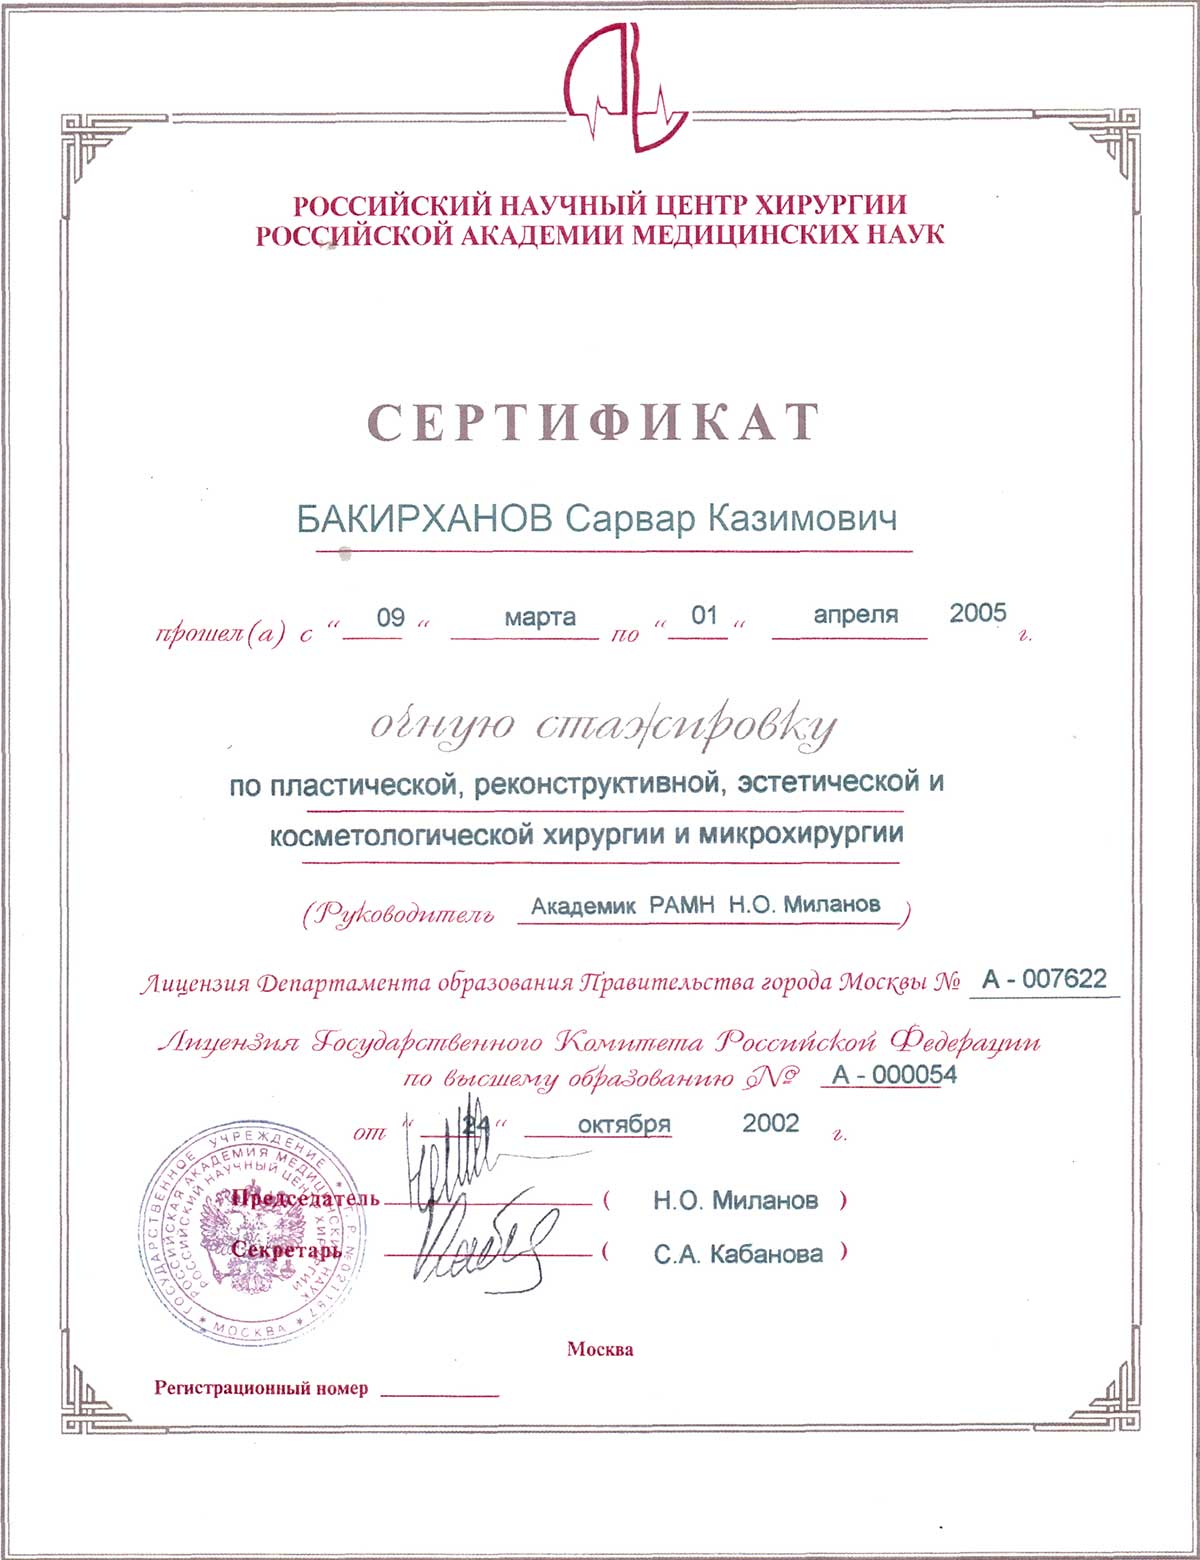 Сертификат о прохождении стажировки по пластической, реконструктивной, эстетической и косметологической хирургии и микрохирургии